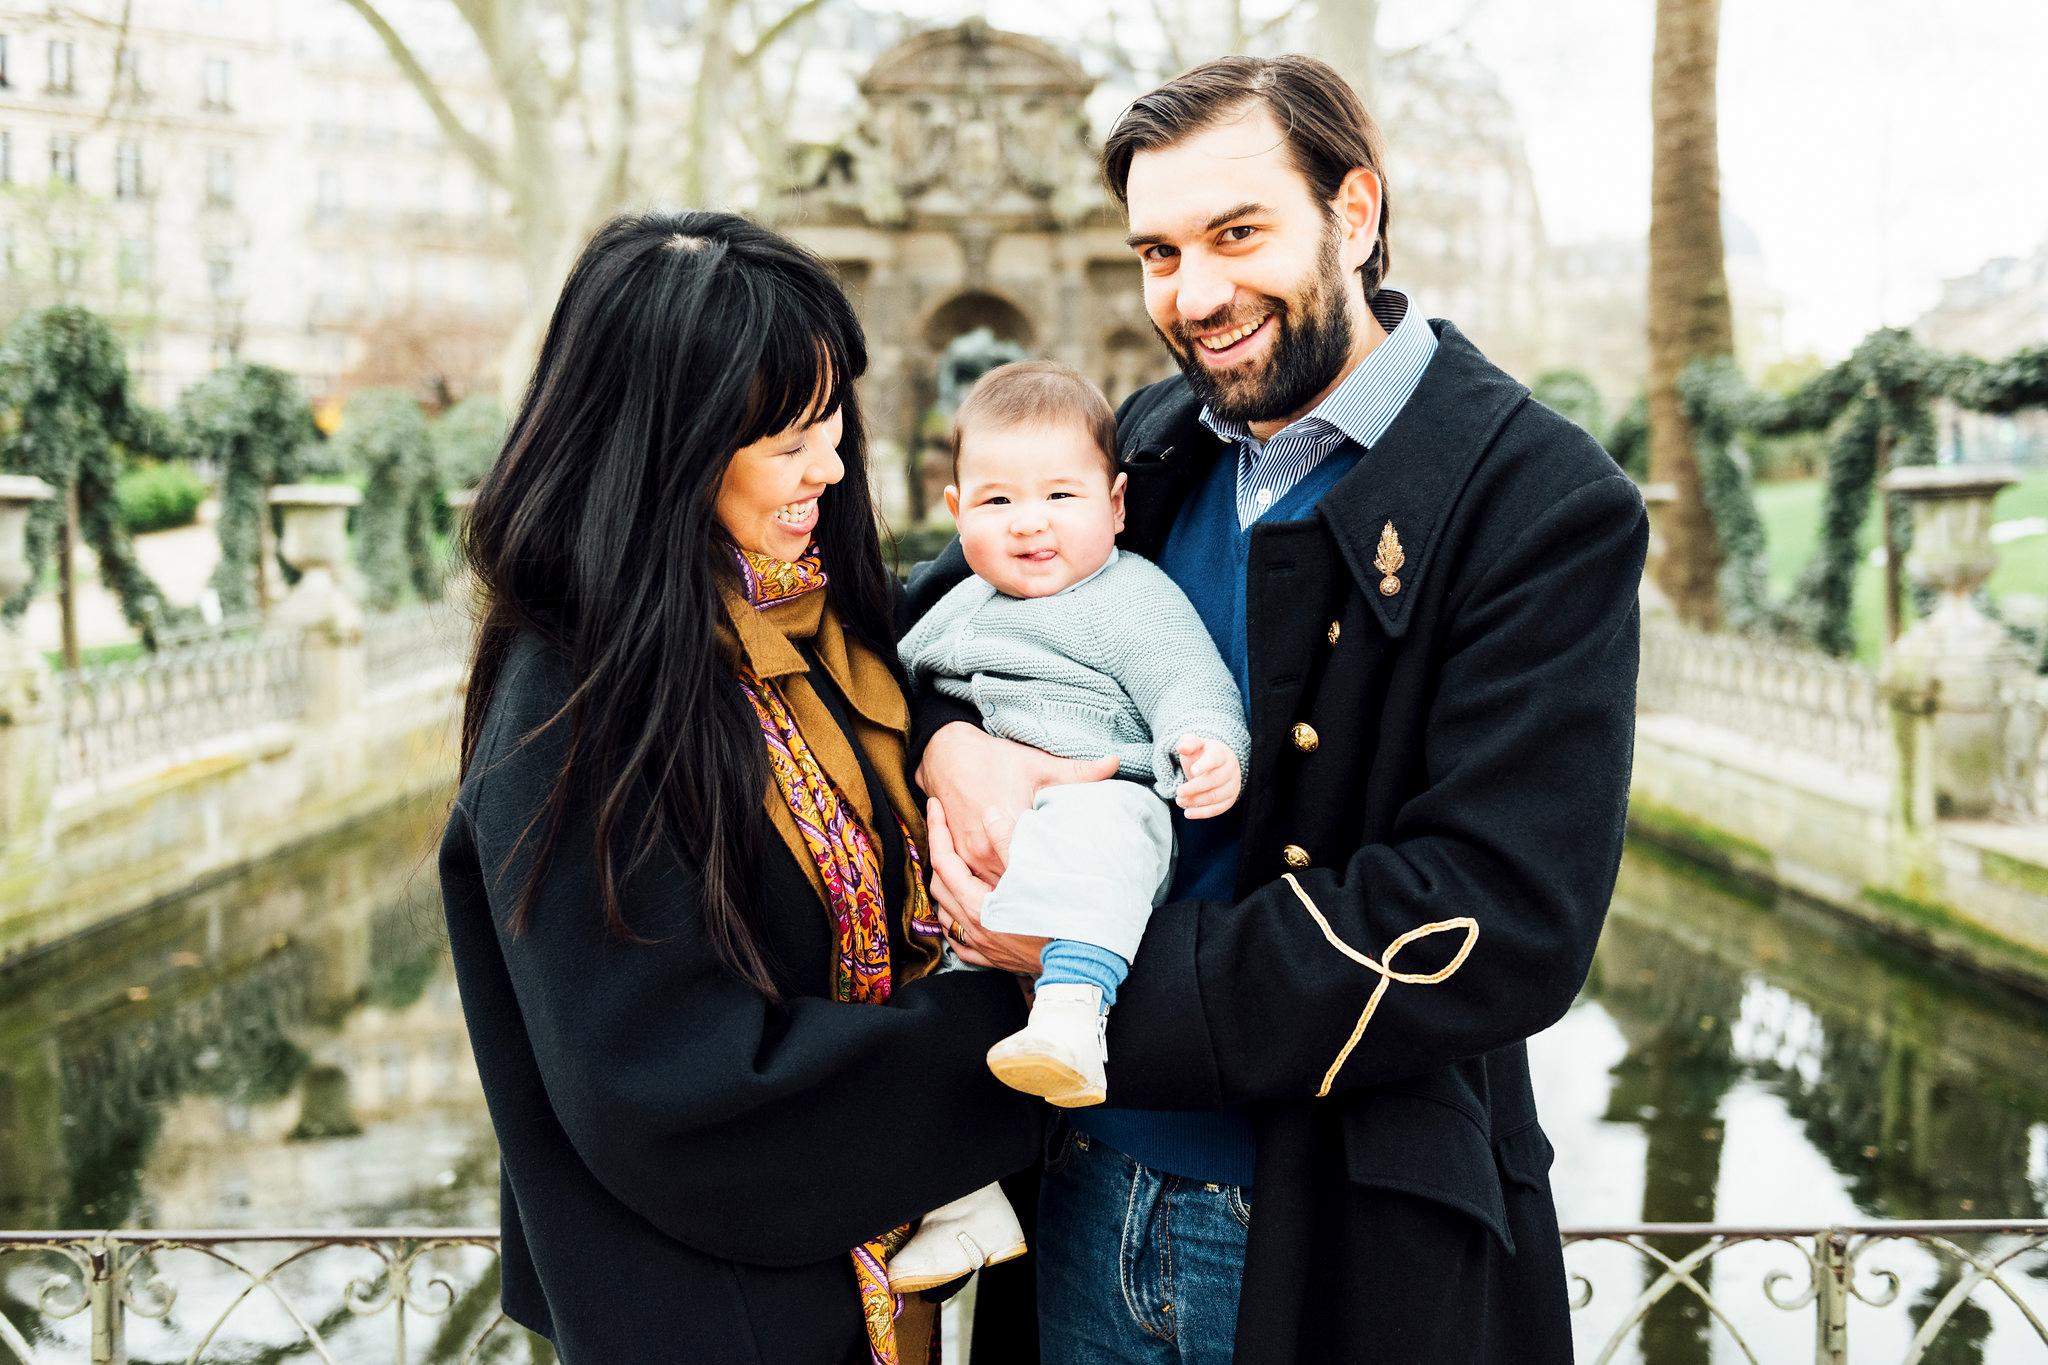 Katie_Mitchell_Paris_France_Family_Portrait_Photographer_21.jpg